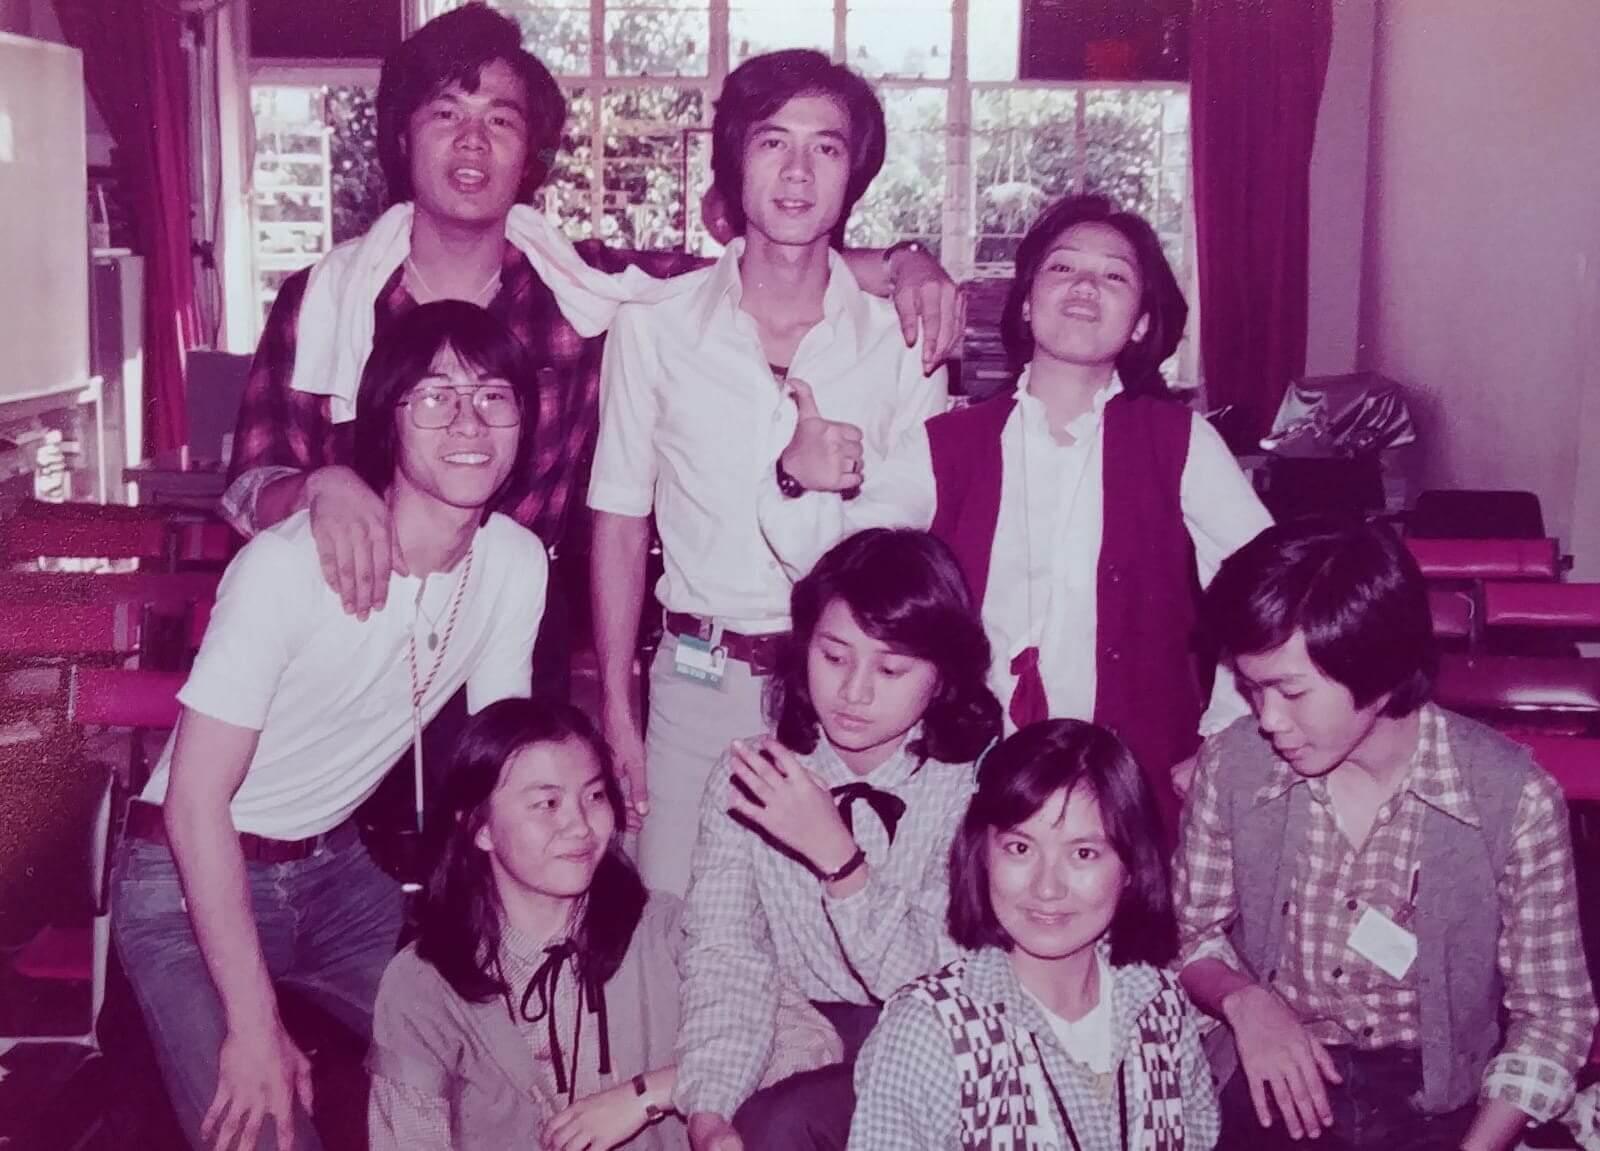 李成昌直言一生人最好玩就是讀訓練班那年,同期同學包括有艾威、湯鎮業、景黛音、周秀蘭、黃造時、陳安瑩、廖啓智、陳敏兒等。